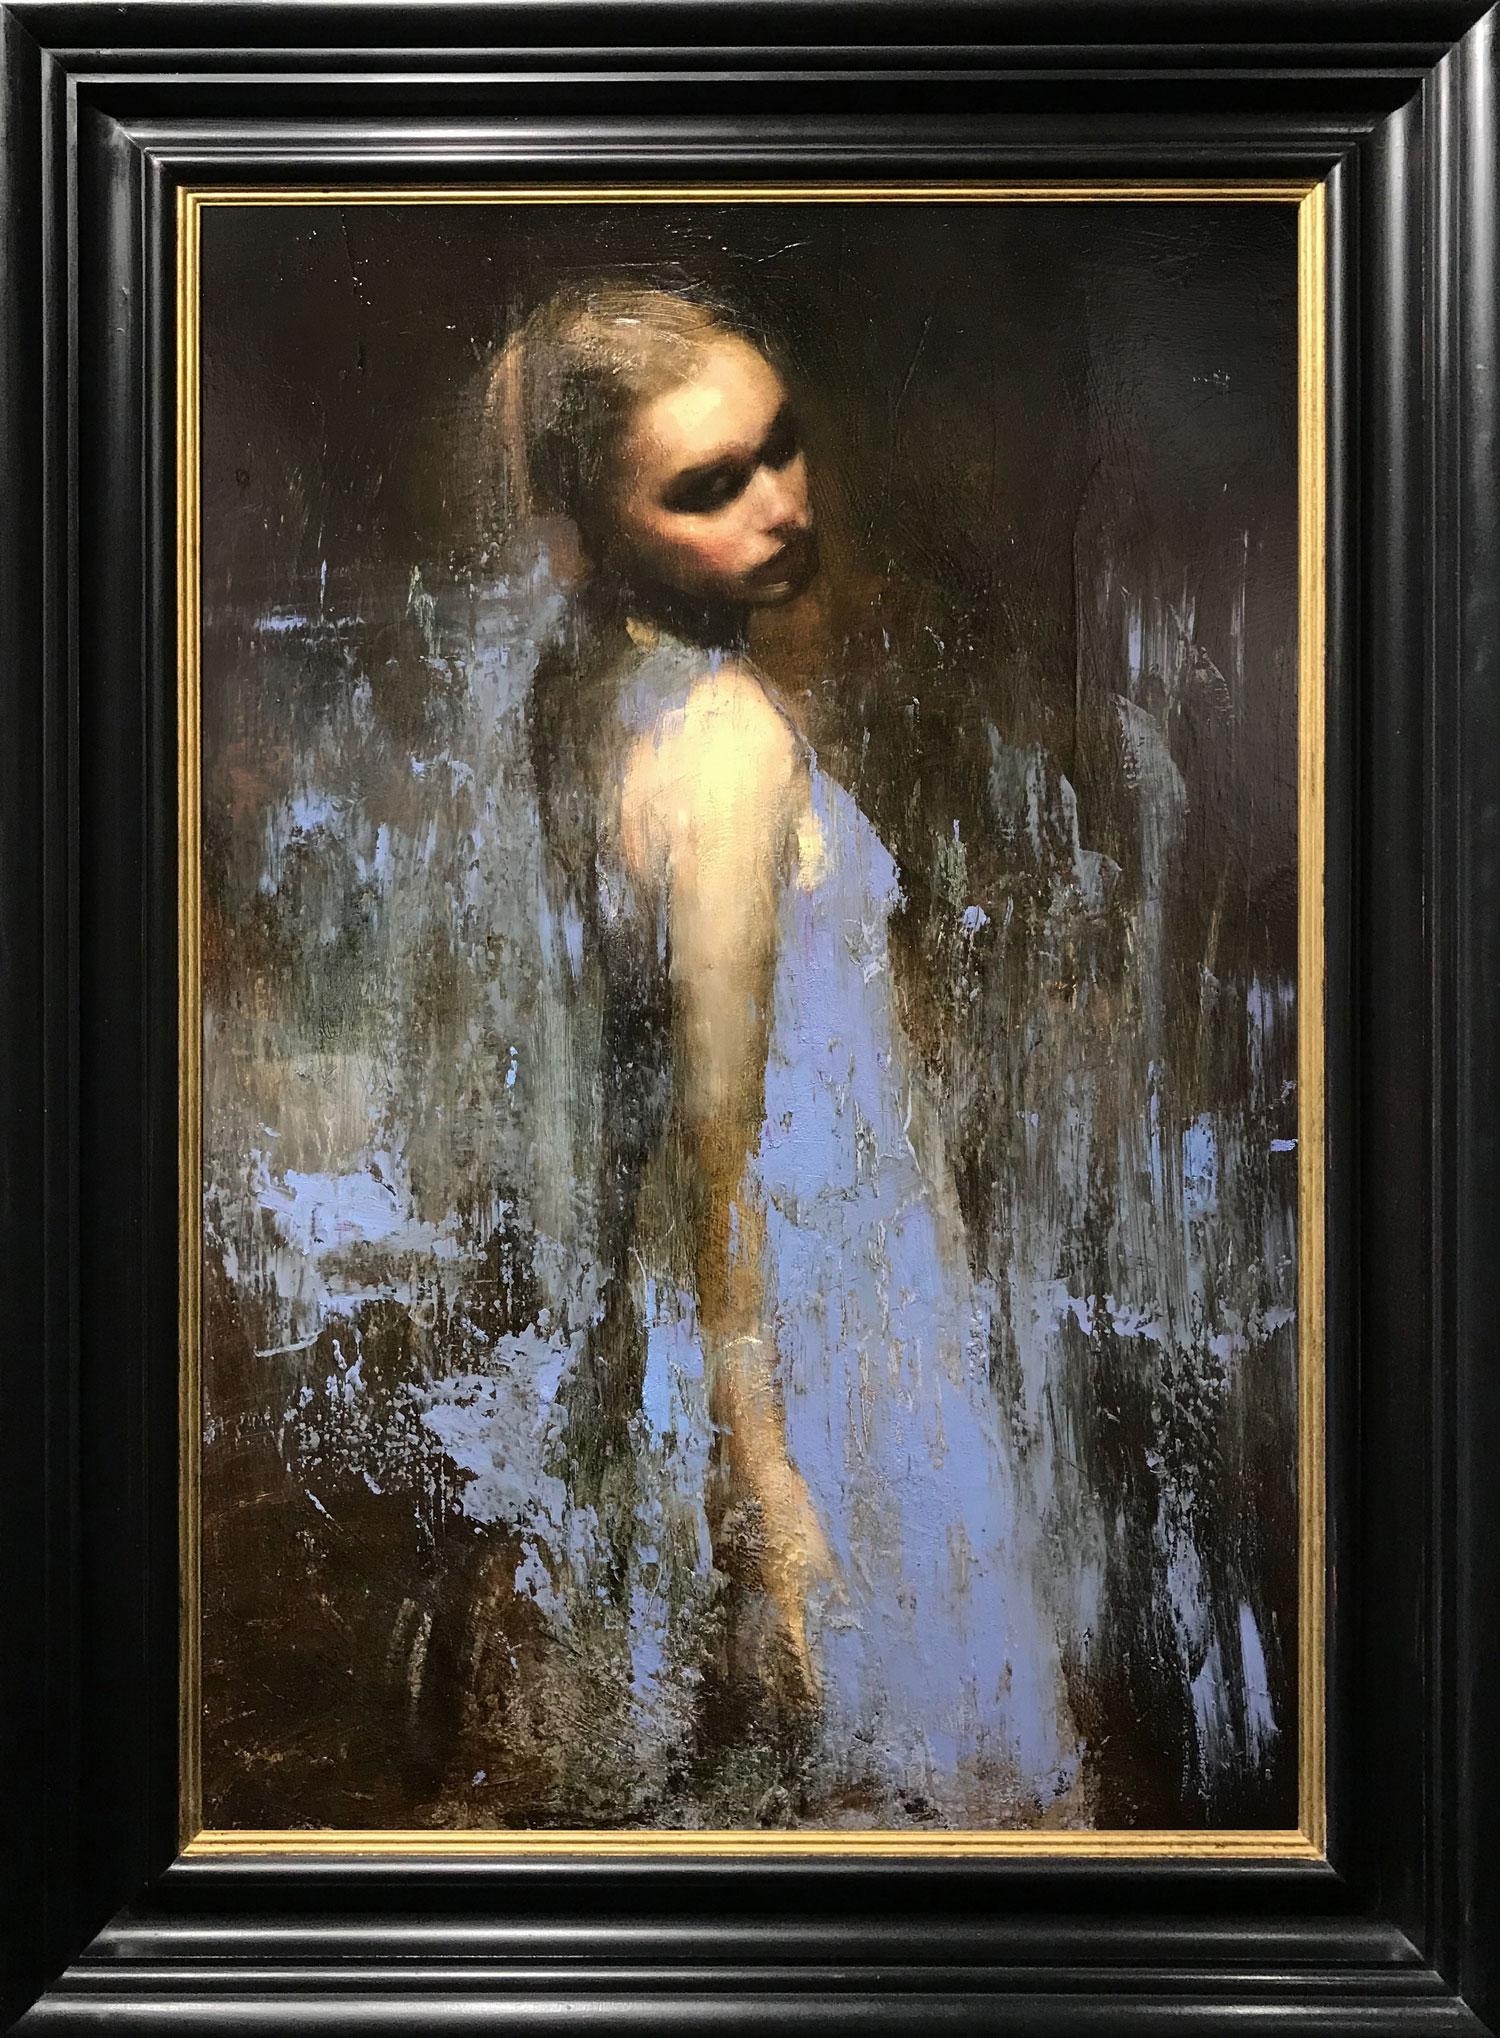 Mark Demsteader Chloe Study in Blue II Original Oil Painting